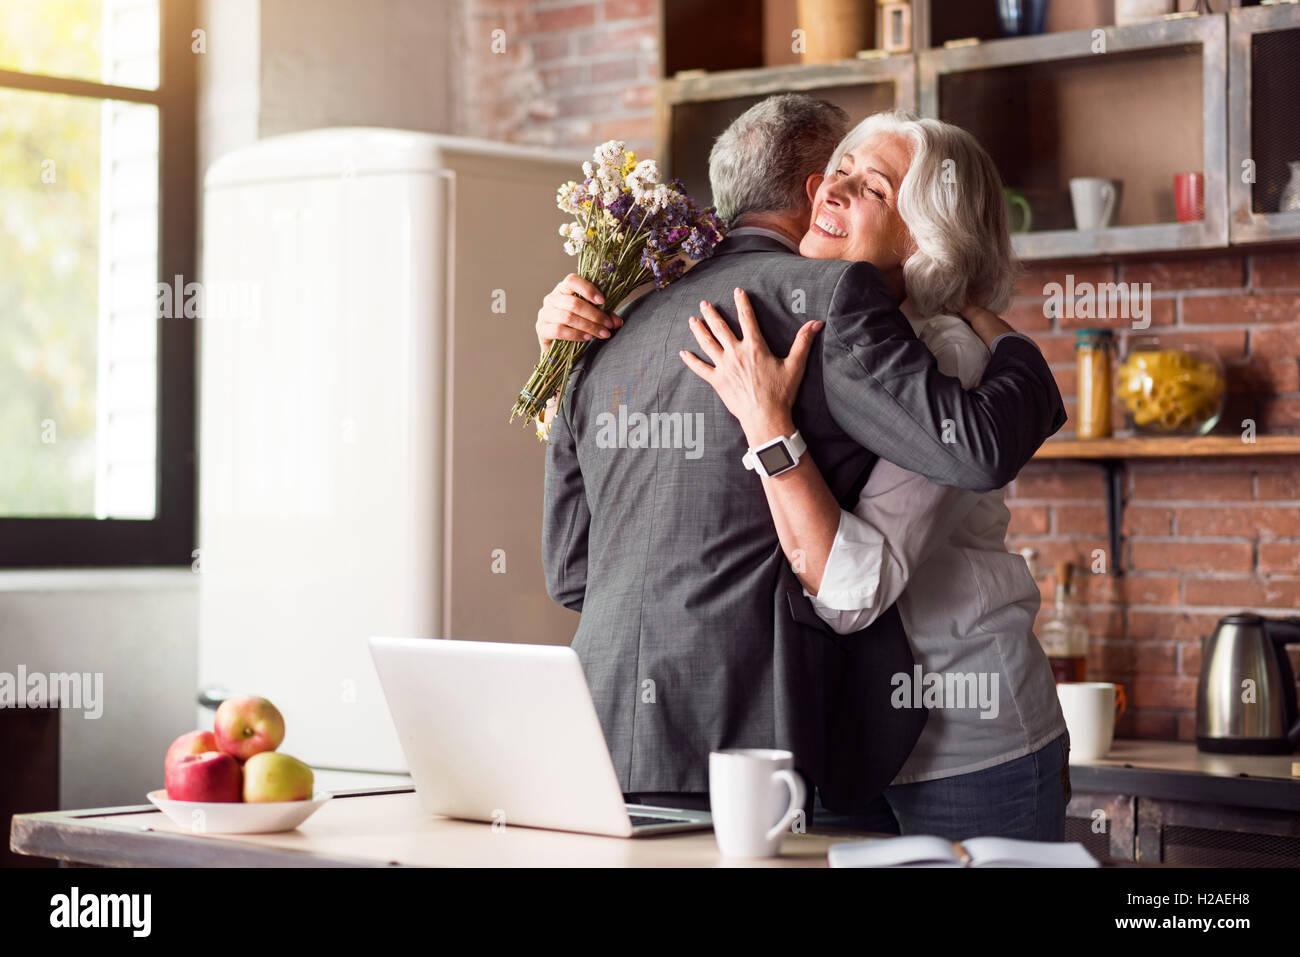 Heureux anniversaire de mariage de personnes âgées Photo Stock